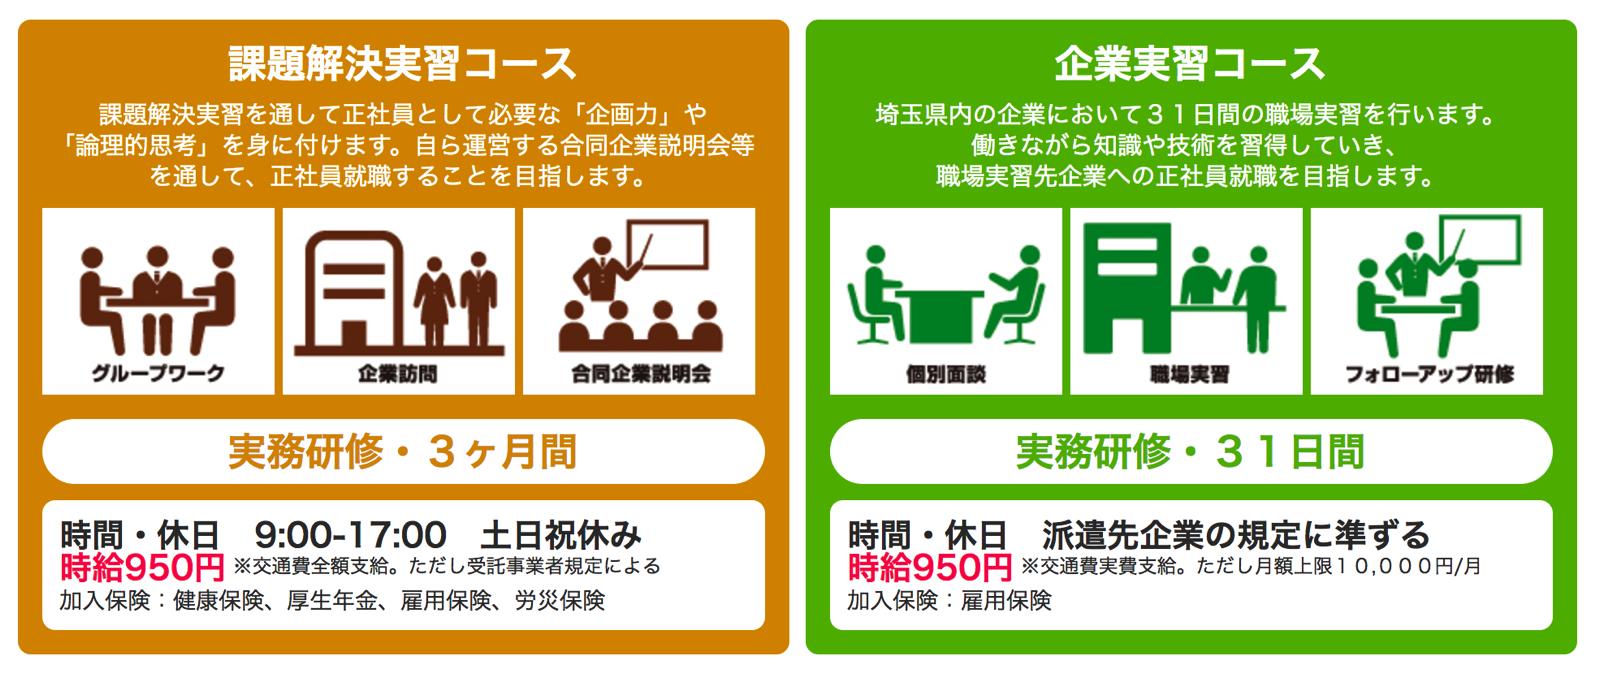 埼玉県の正社員就職支援が手厚い